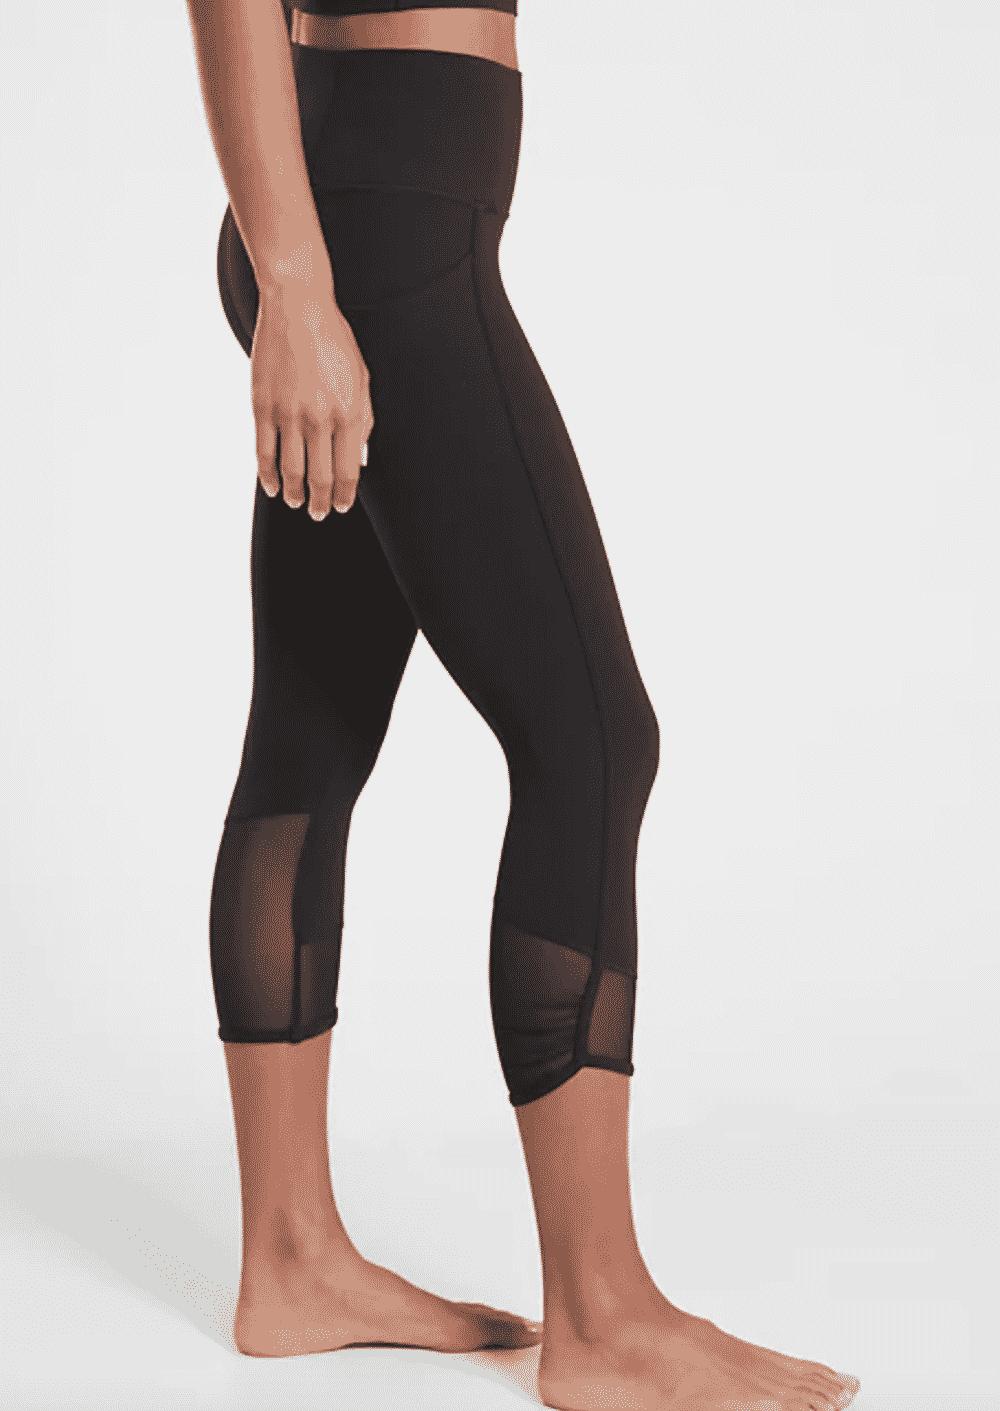 capri tights with pockets